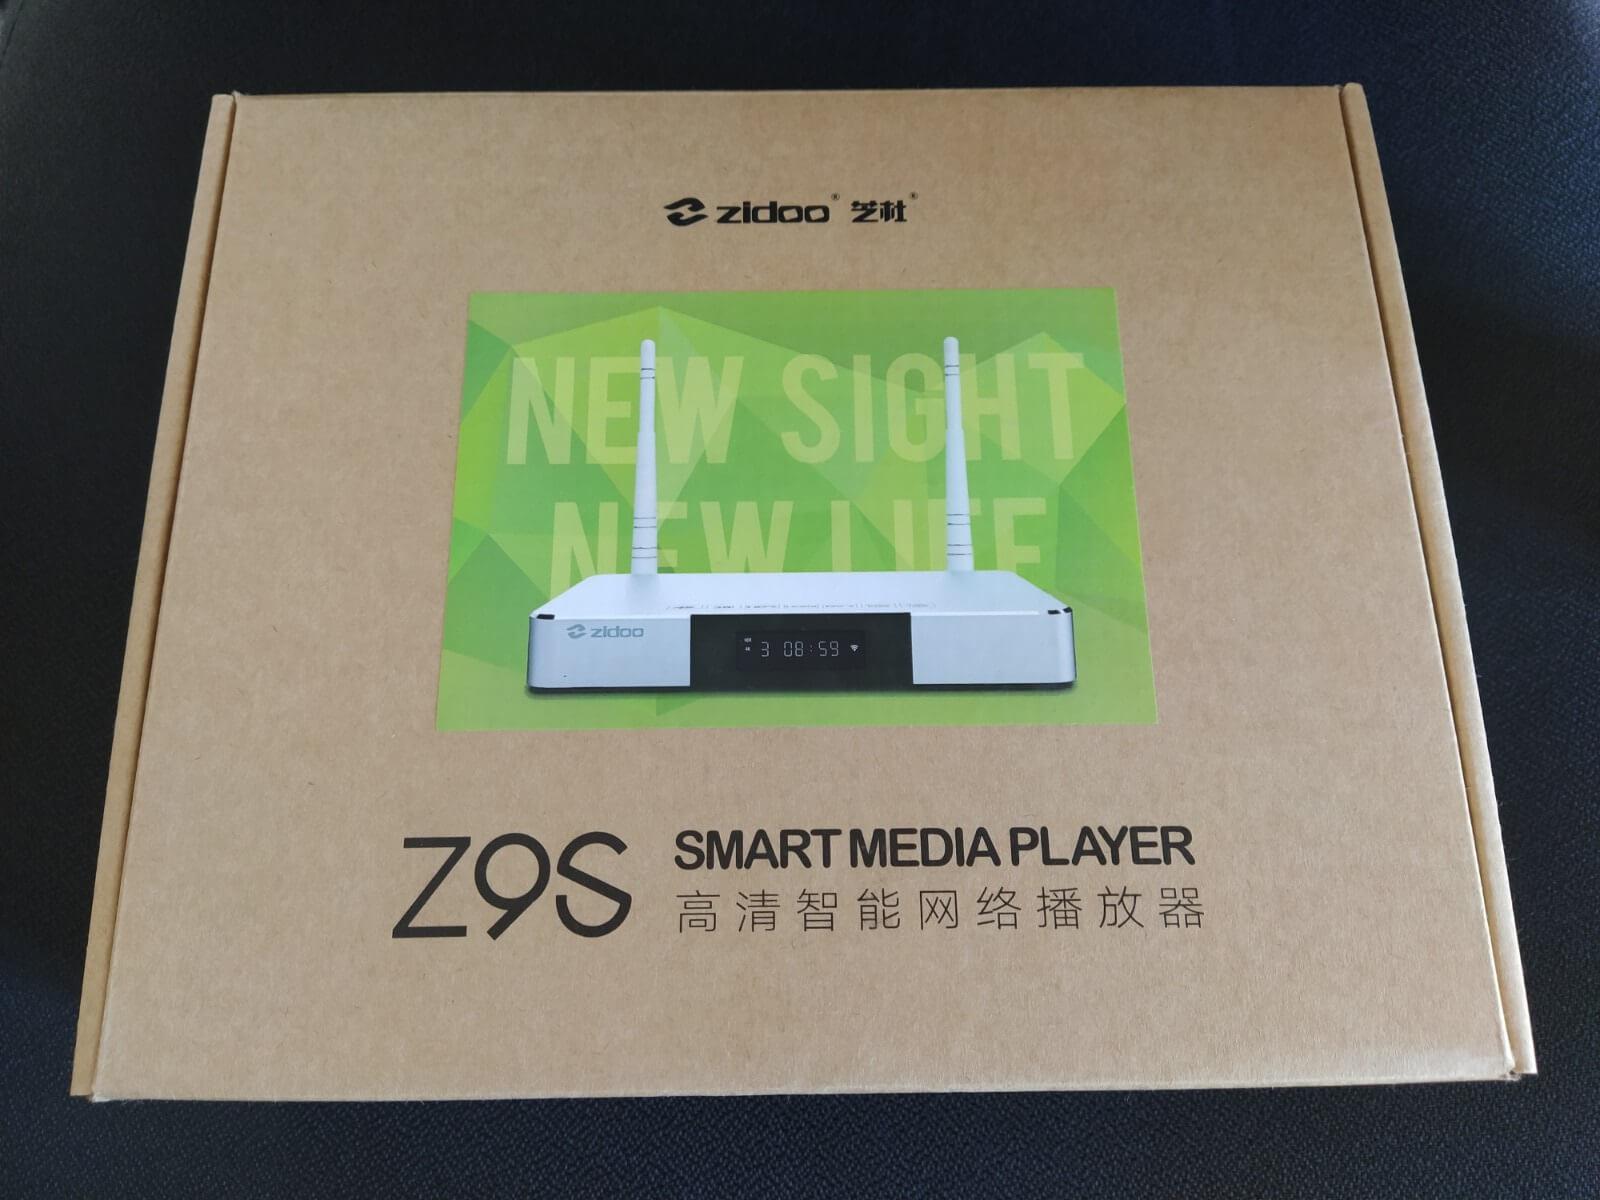 Confezione TV box Zidoo Z9S